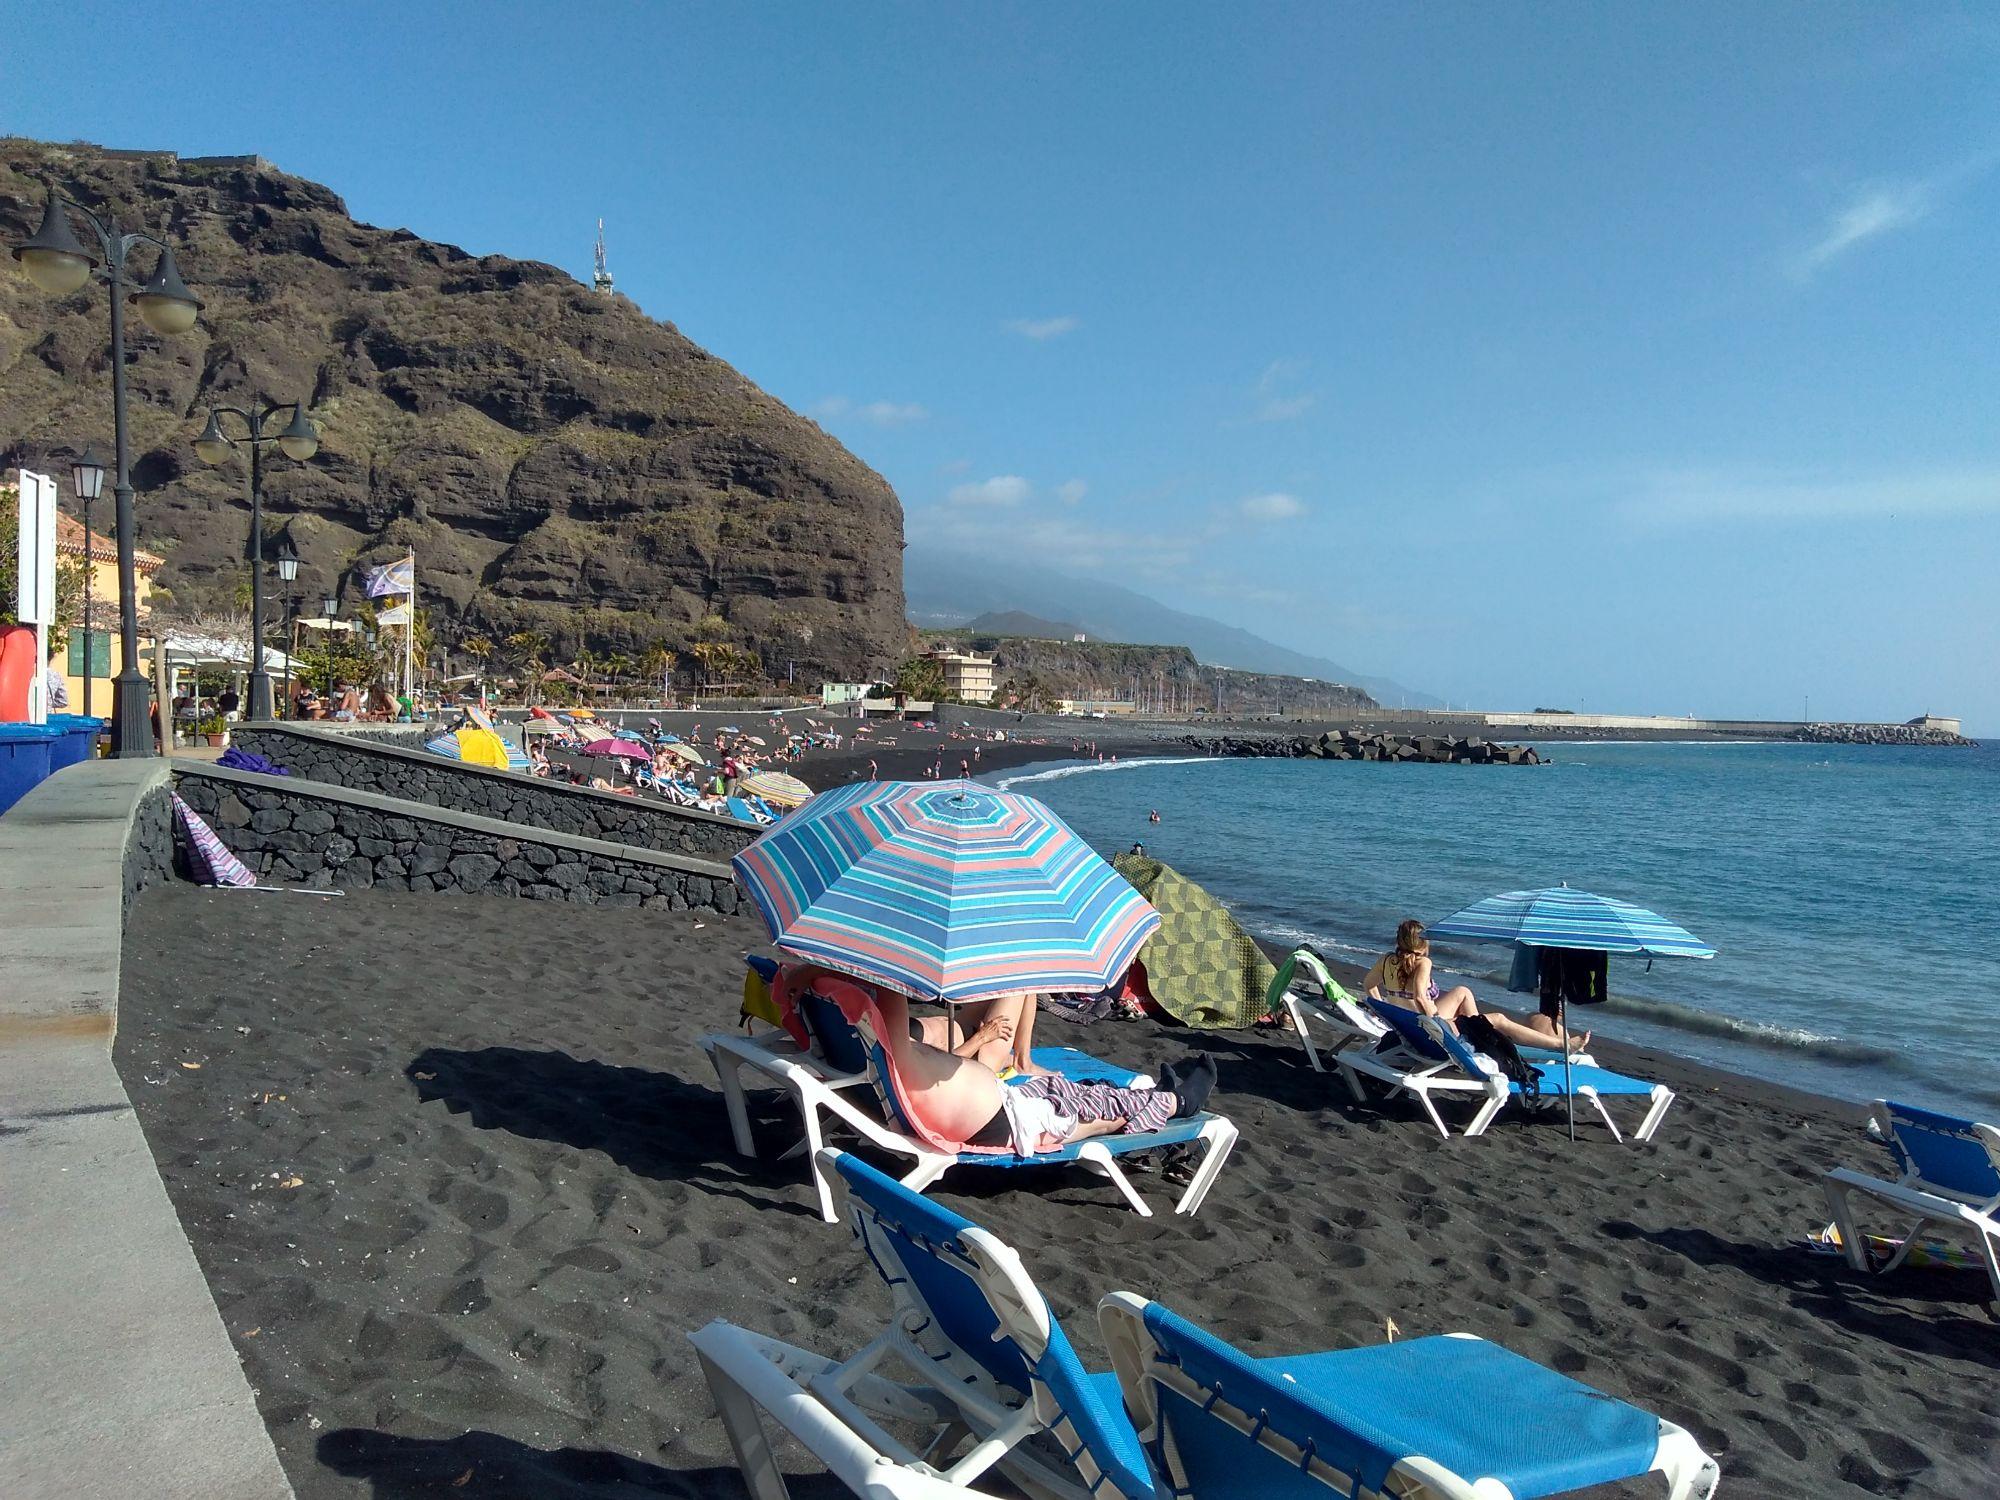 El Puerto beach, Tazacorte